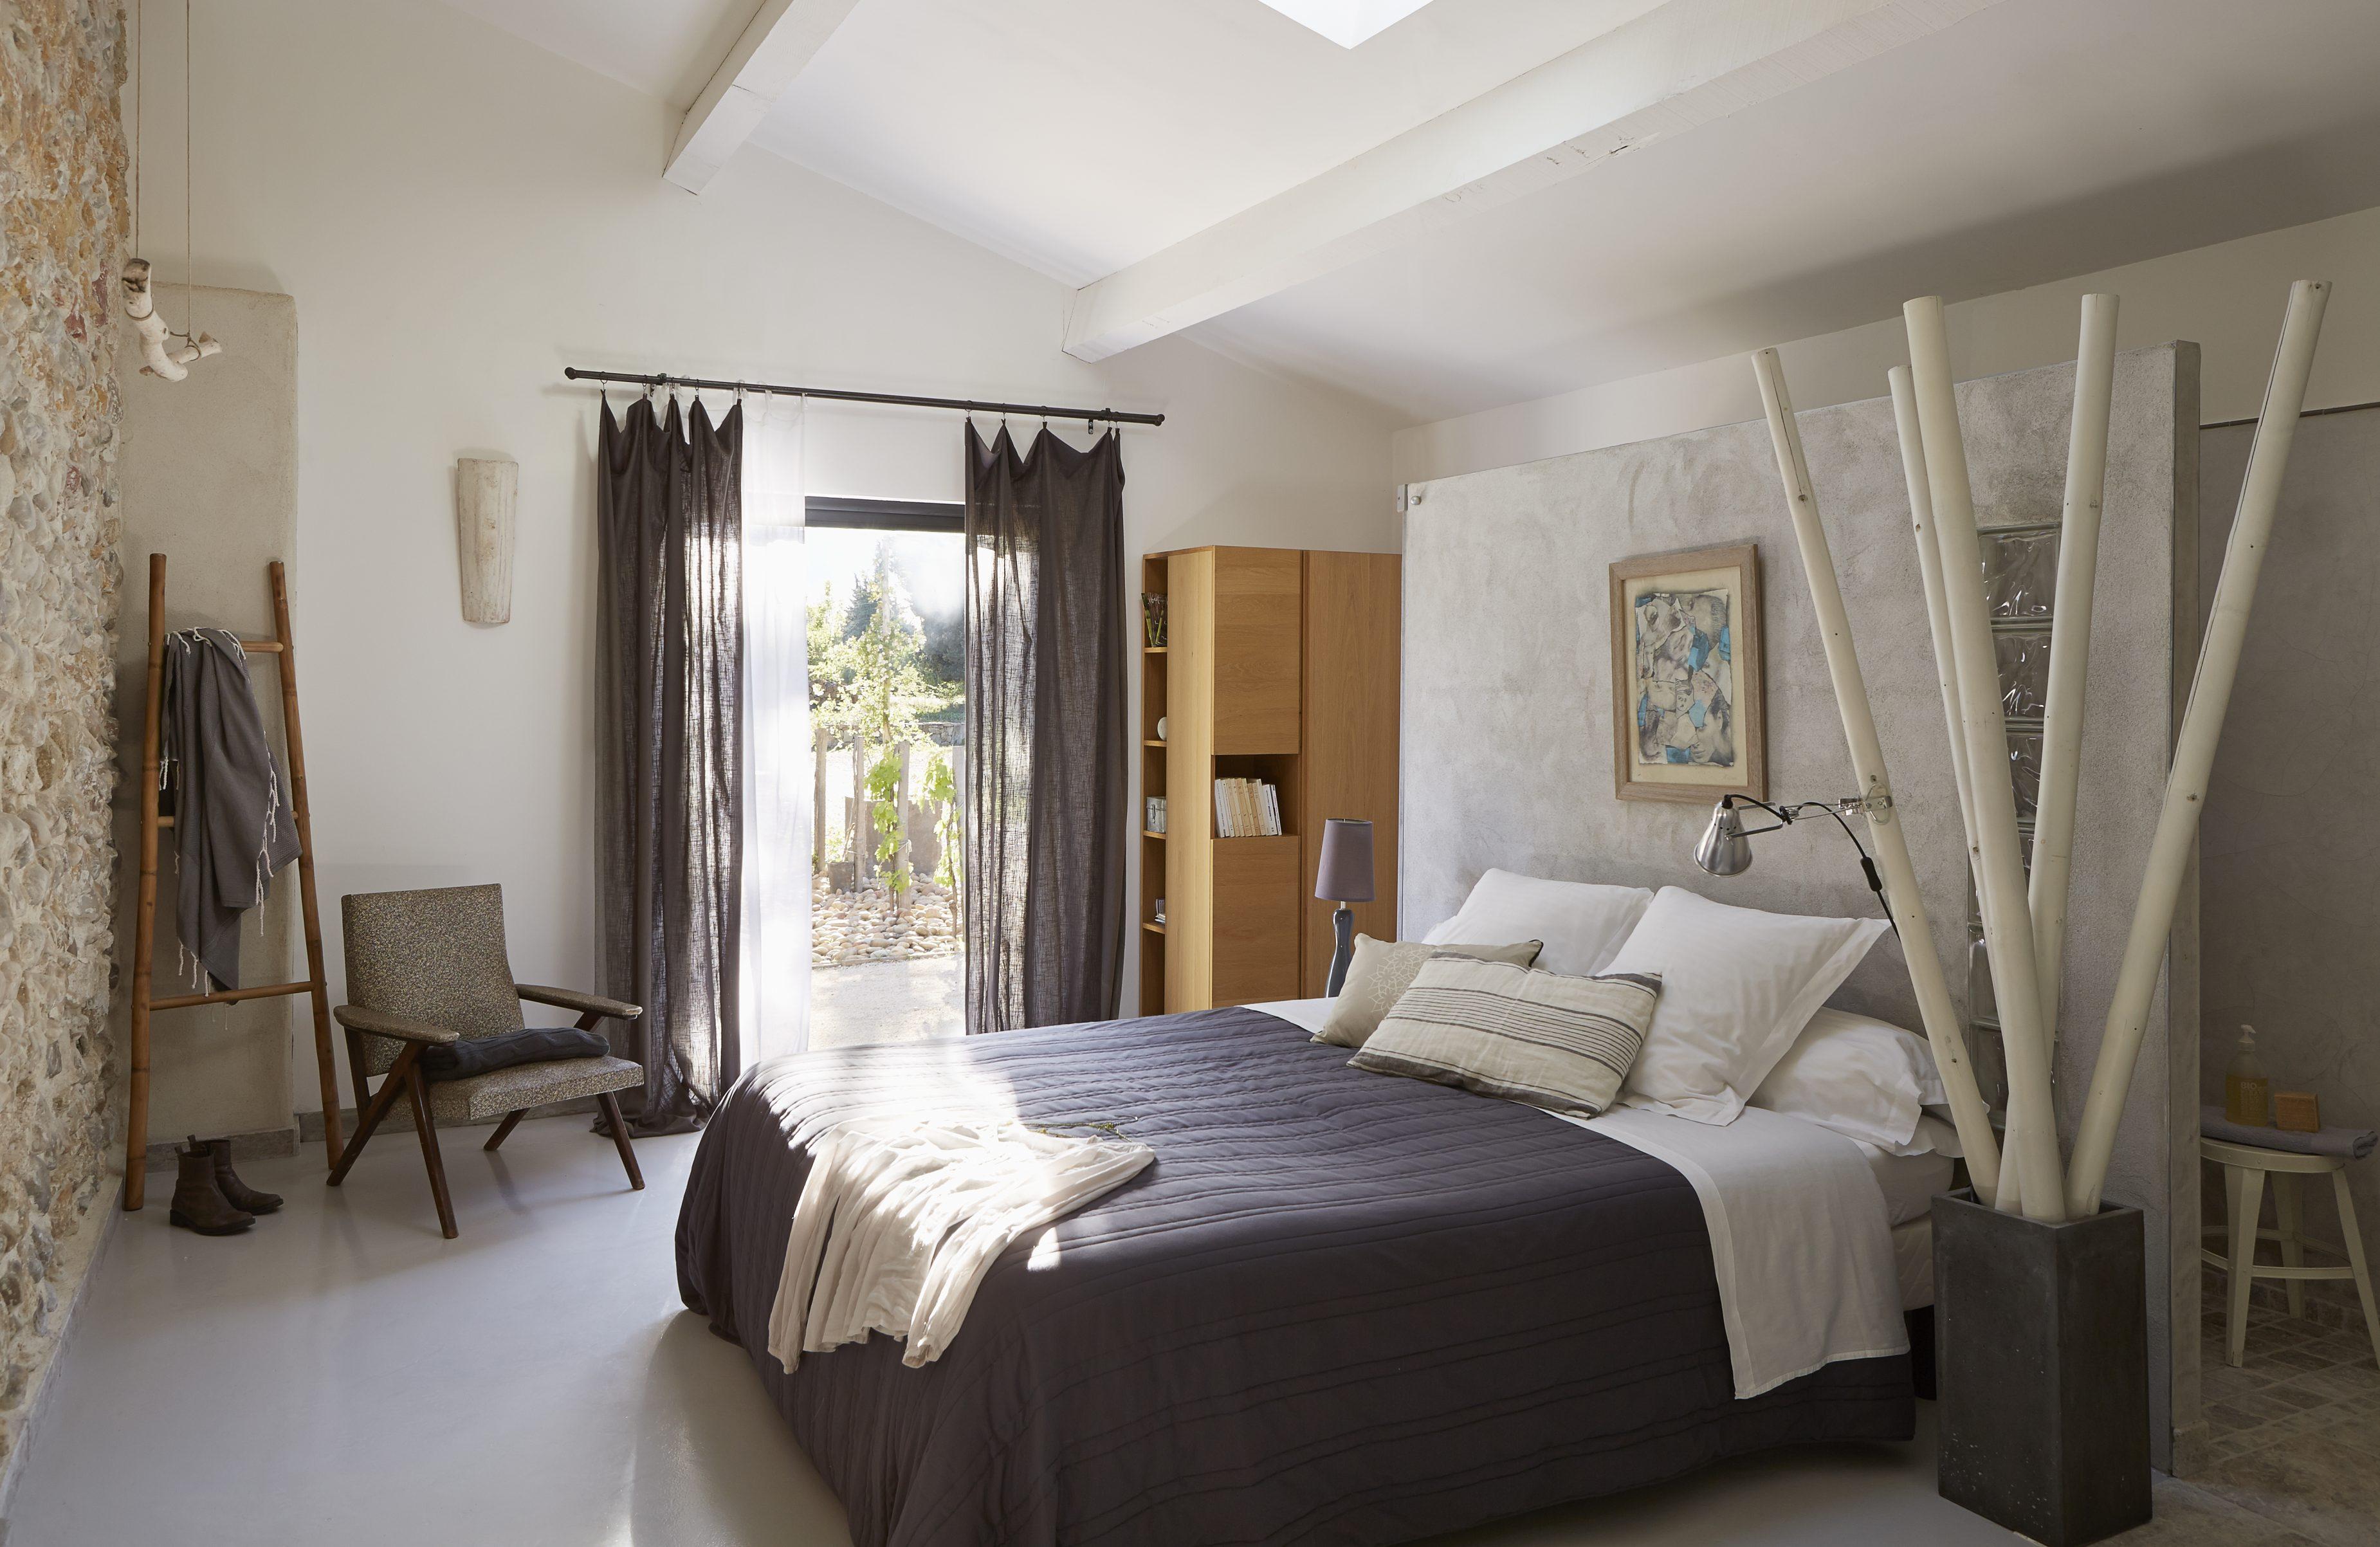 Vue intérieure chambre 1 chambres d'hôtes en Provence